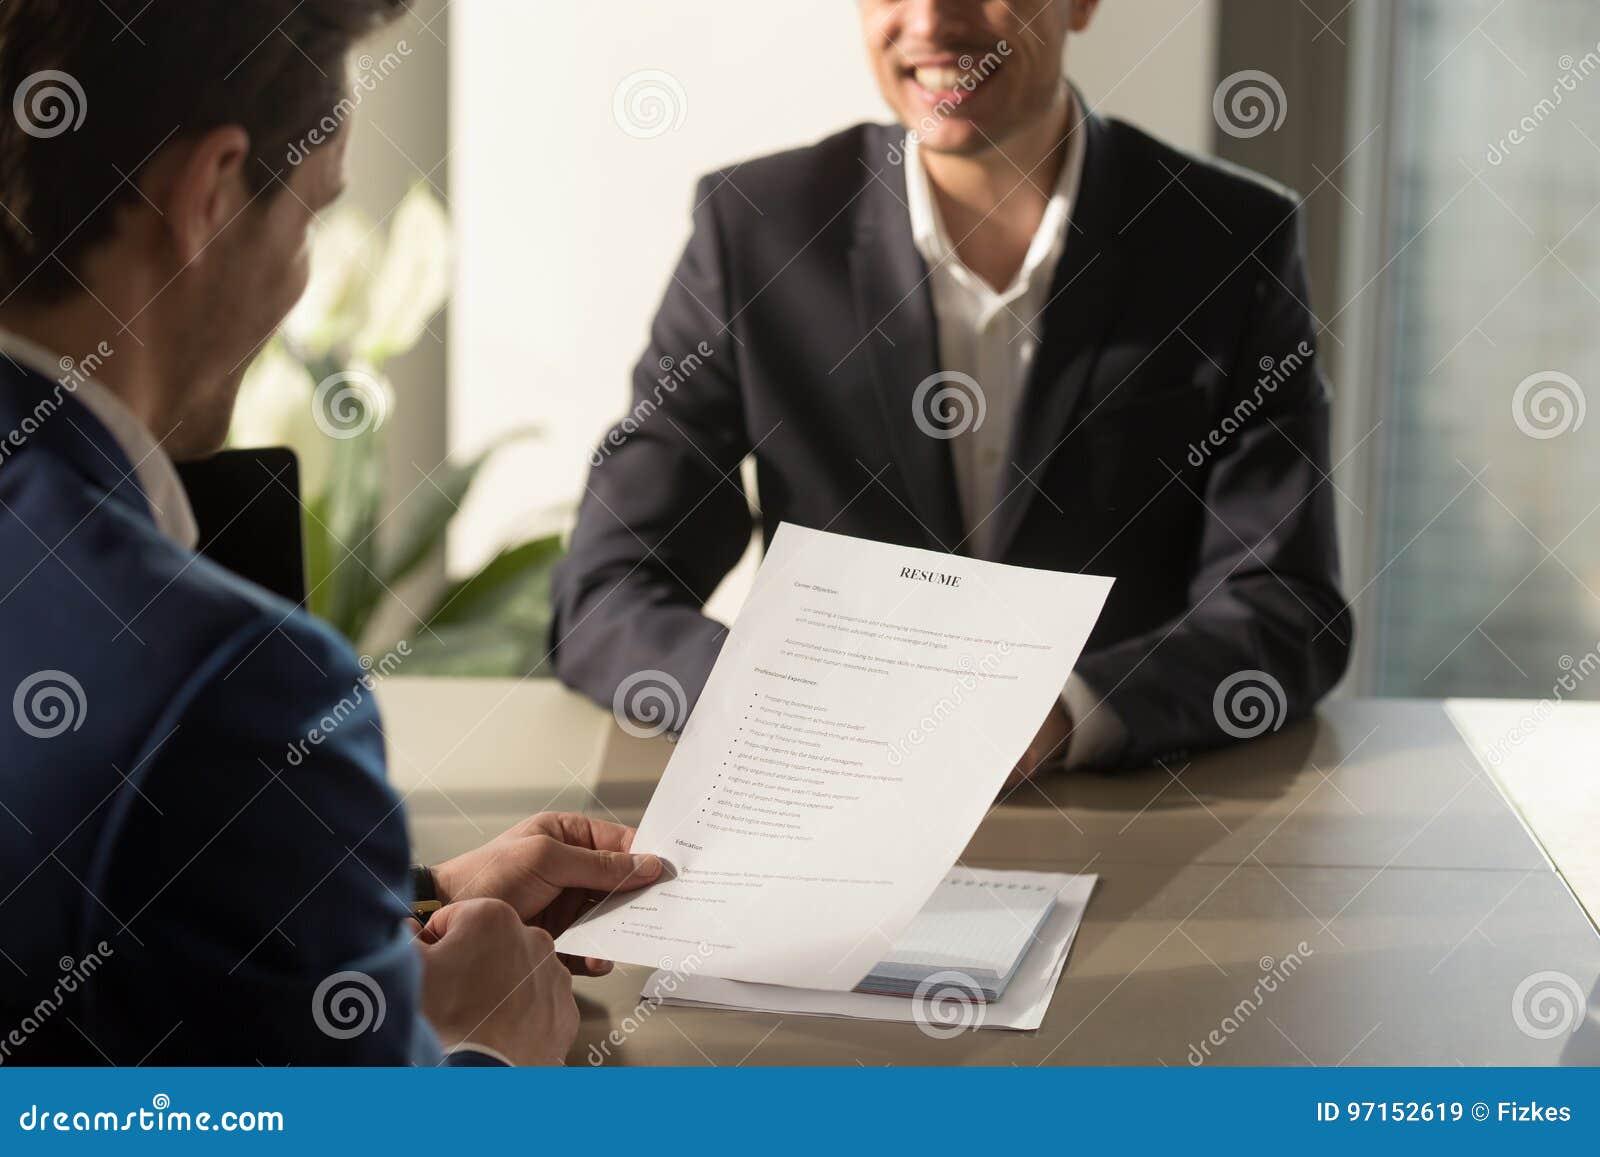 Arbeitgeberleitvorstellungsgespräch Gute Zusammenfassung Von Succ